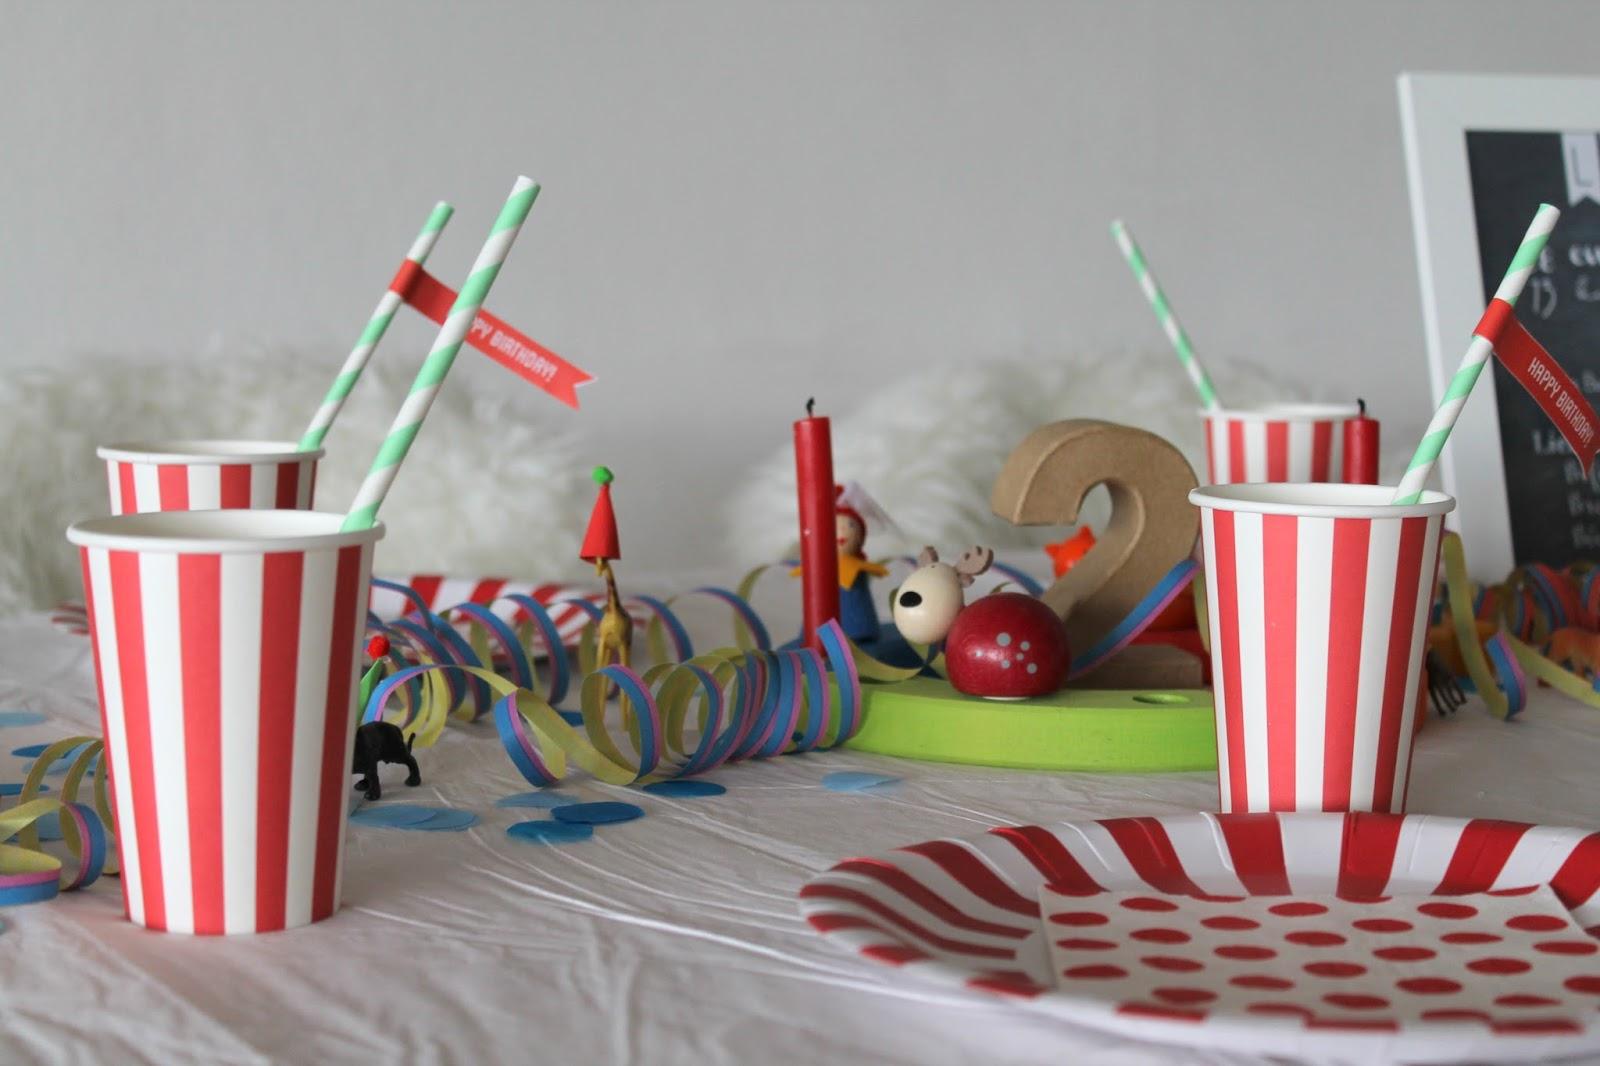 Оформление детского дня рождения бумажной посудой